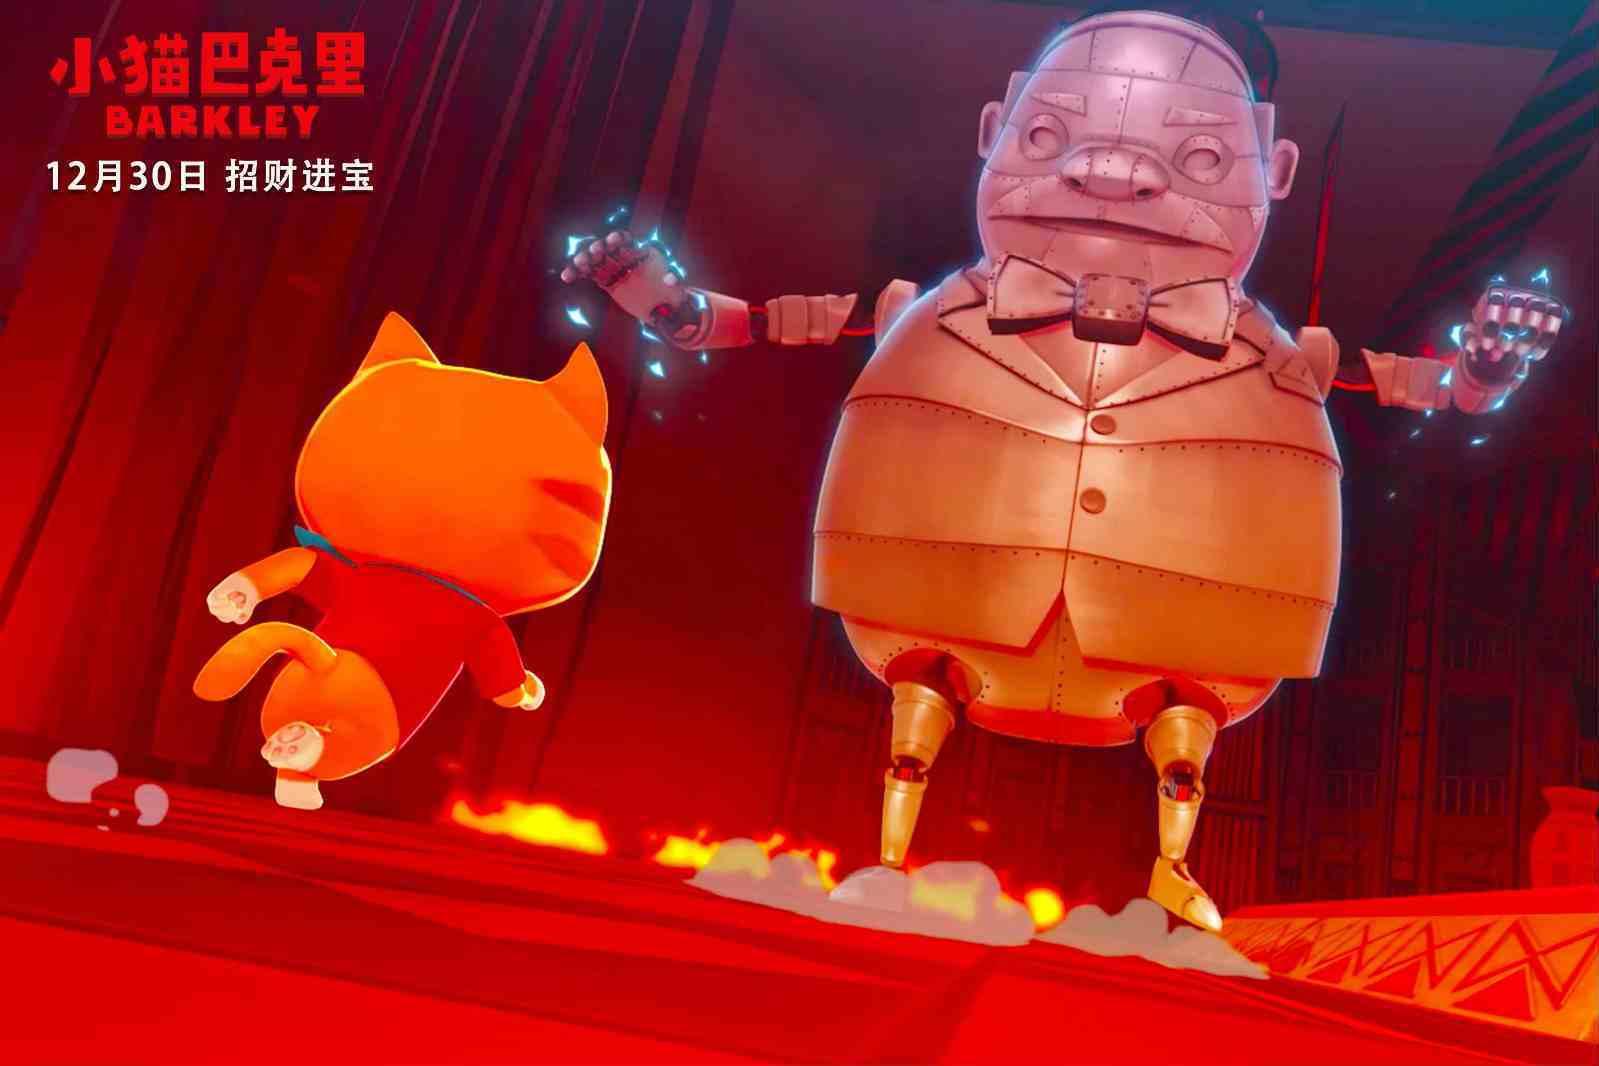 《小猫巴克里》明日暖心上映,四大看点打造合家欢动画